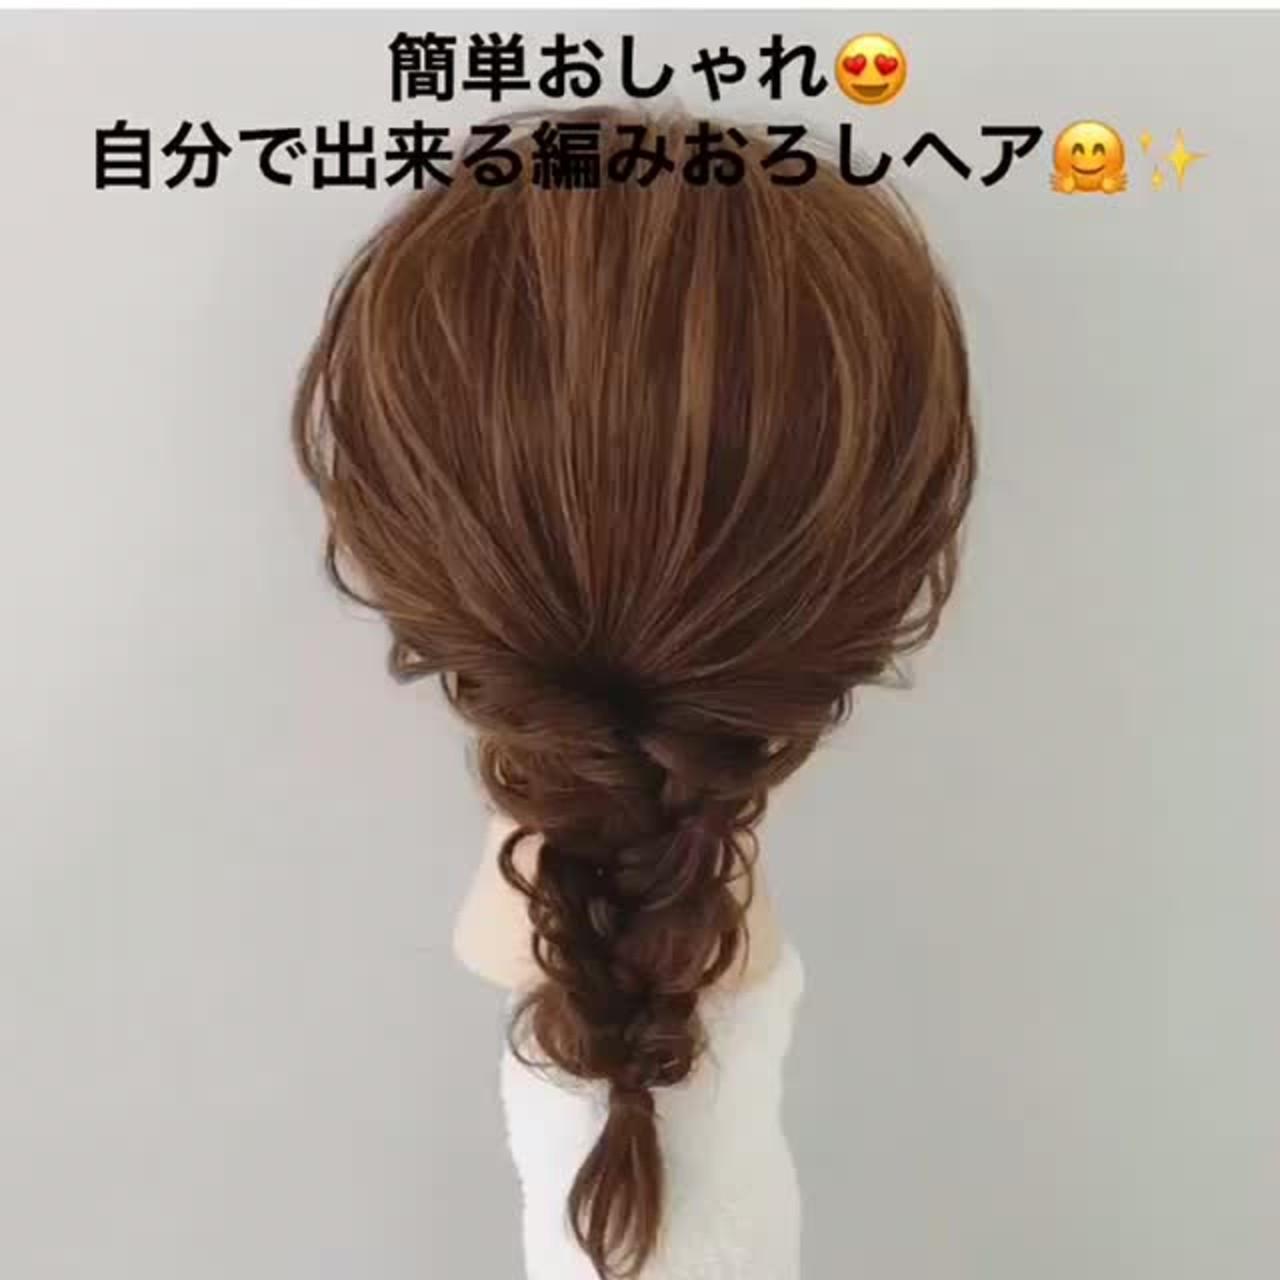 デート 簡単ヘアアレンジ 謝恩会 ヘアアレンジ ヘアスタイルや髪型の写真・画像